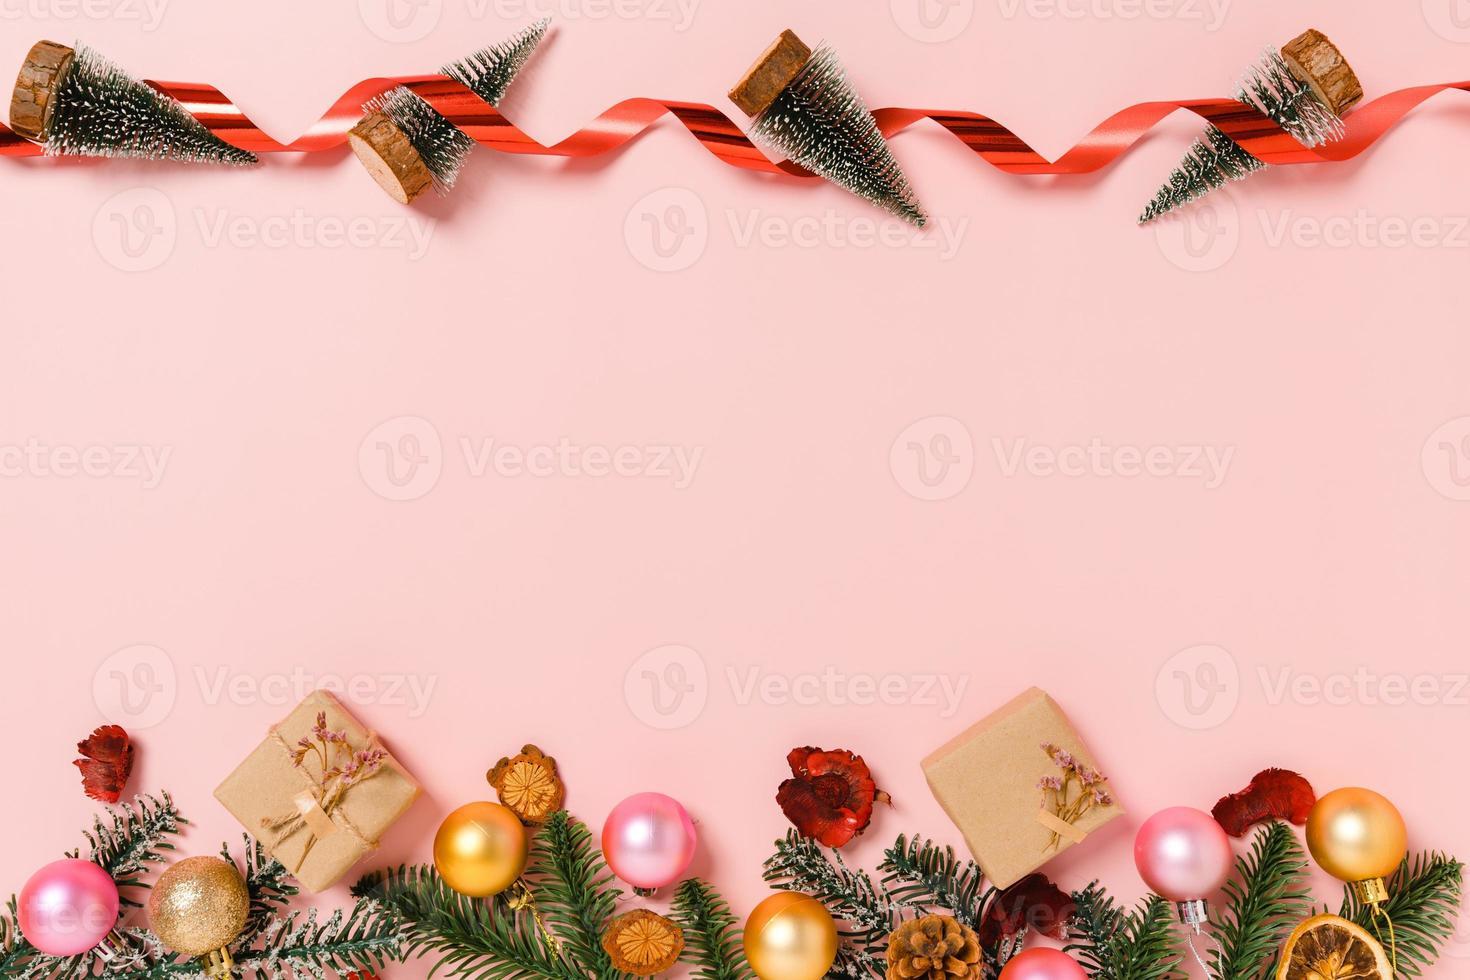 minimale creatieve platte lay van traditionele kerstcompositie en nieuwjaarsvakantieseizoen. bovenaanzicht winter kerstversiering op roze achtergrond met lege ruimte voor tekst. kopieer ruimtefotografie. foto